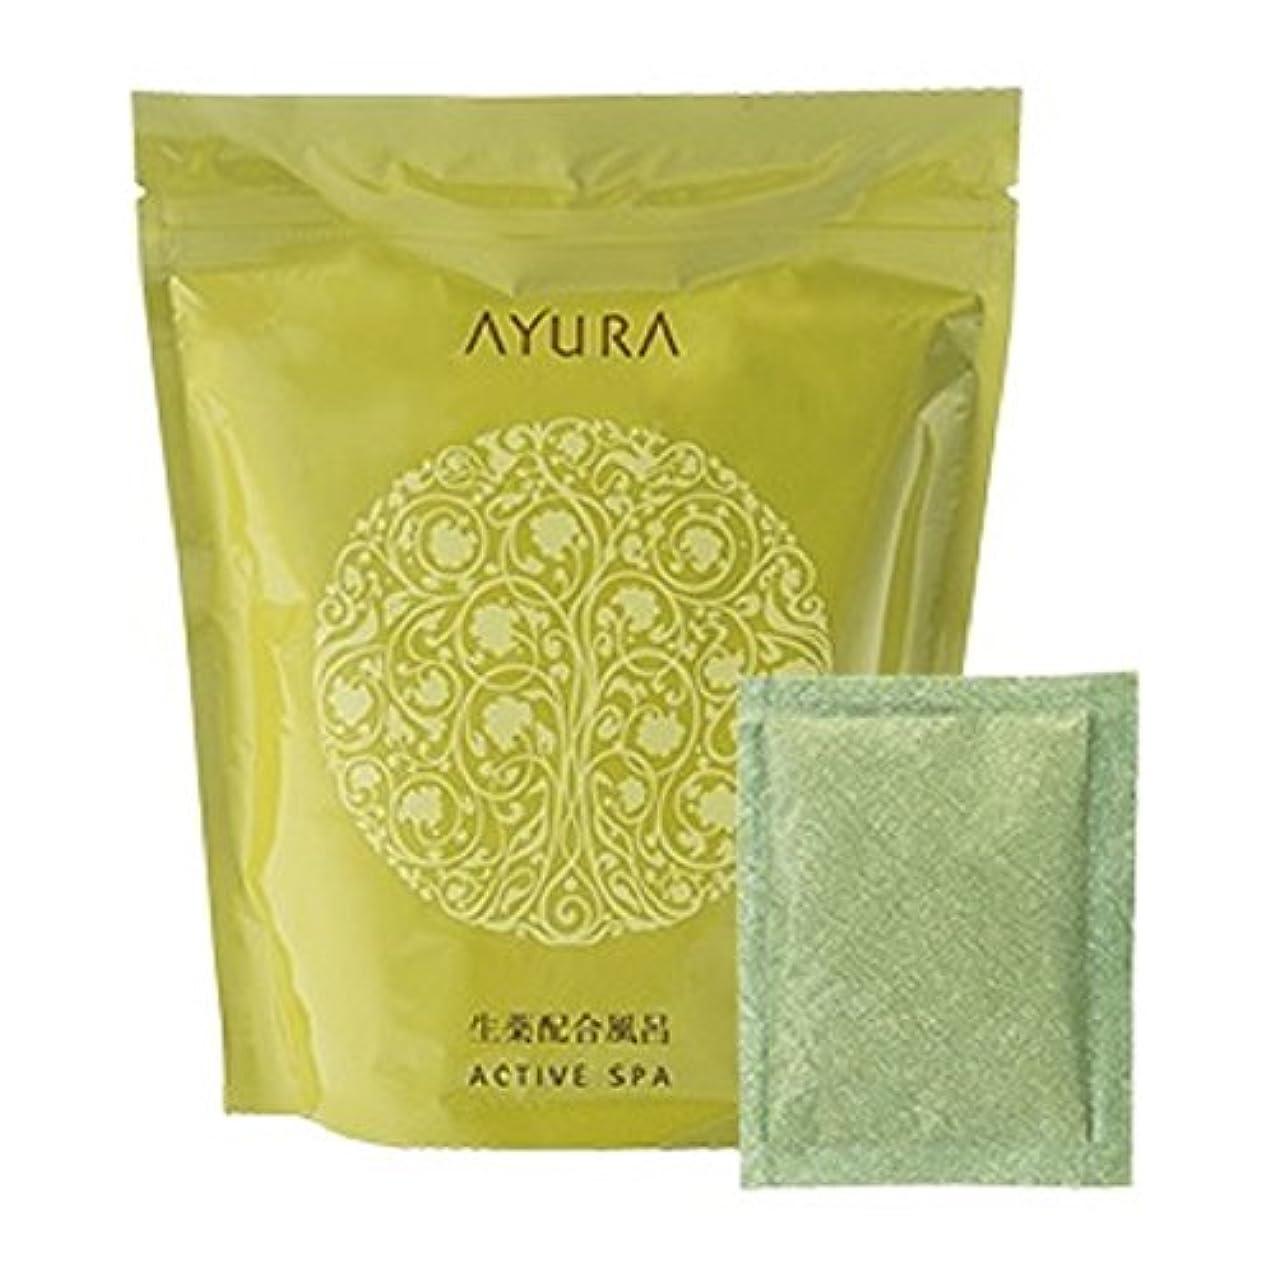 一定典型的なチートアユーラ (AYURA) アクティブスパα 30g 10包入 (医薬部外品) 〈薬用 入浴剤〉